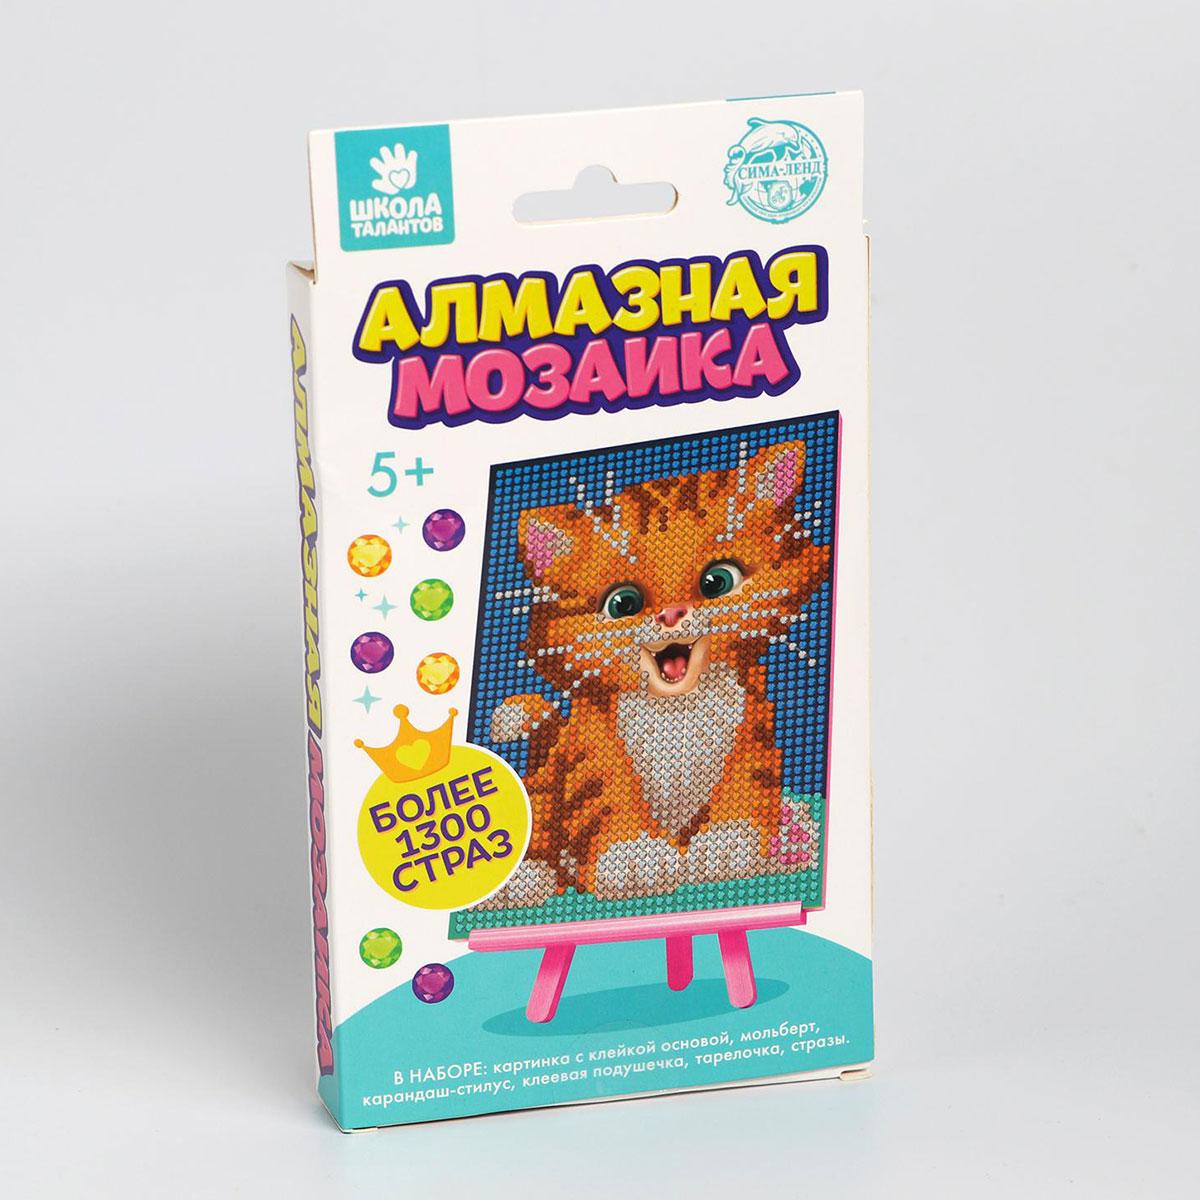 5094453 Алмазная мозаика для детей 'Милый котик' + емкость, стержень с клеевой подушечкой